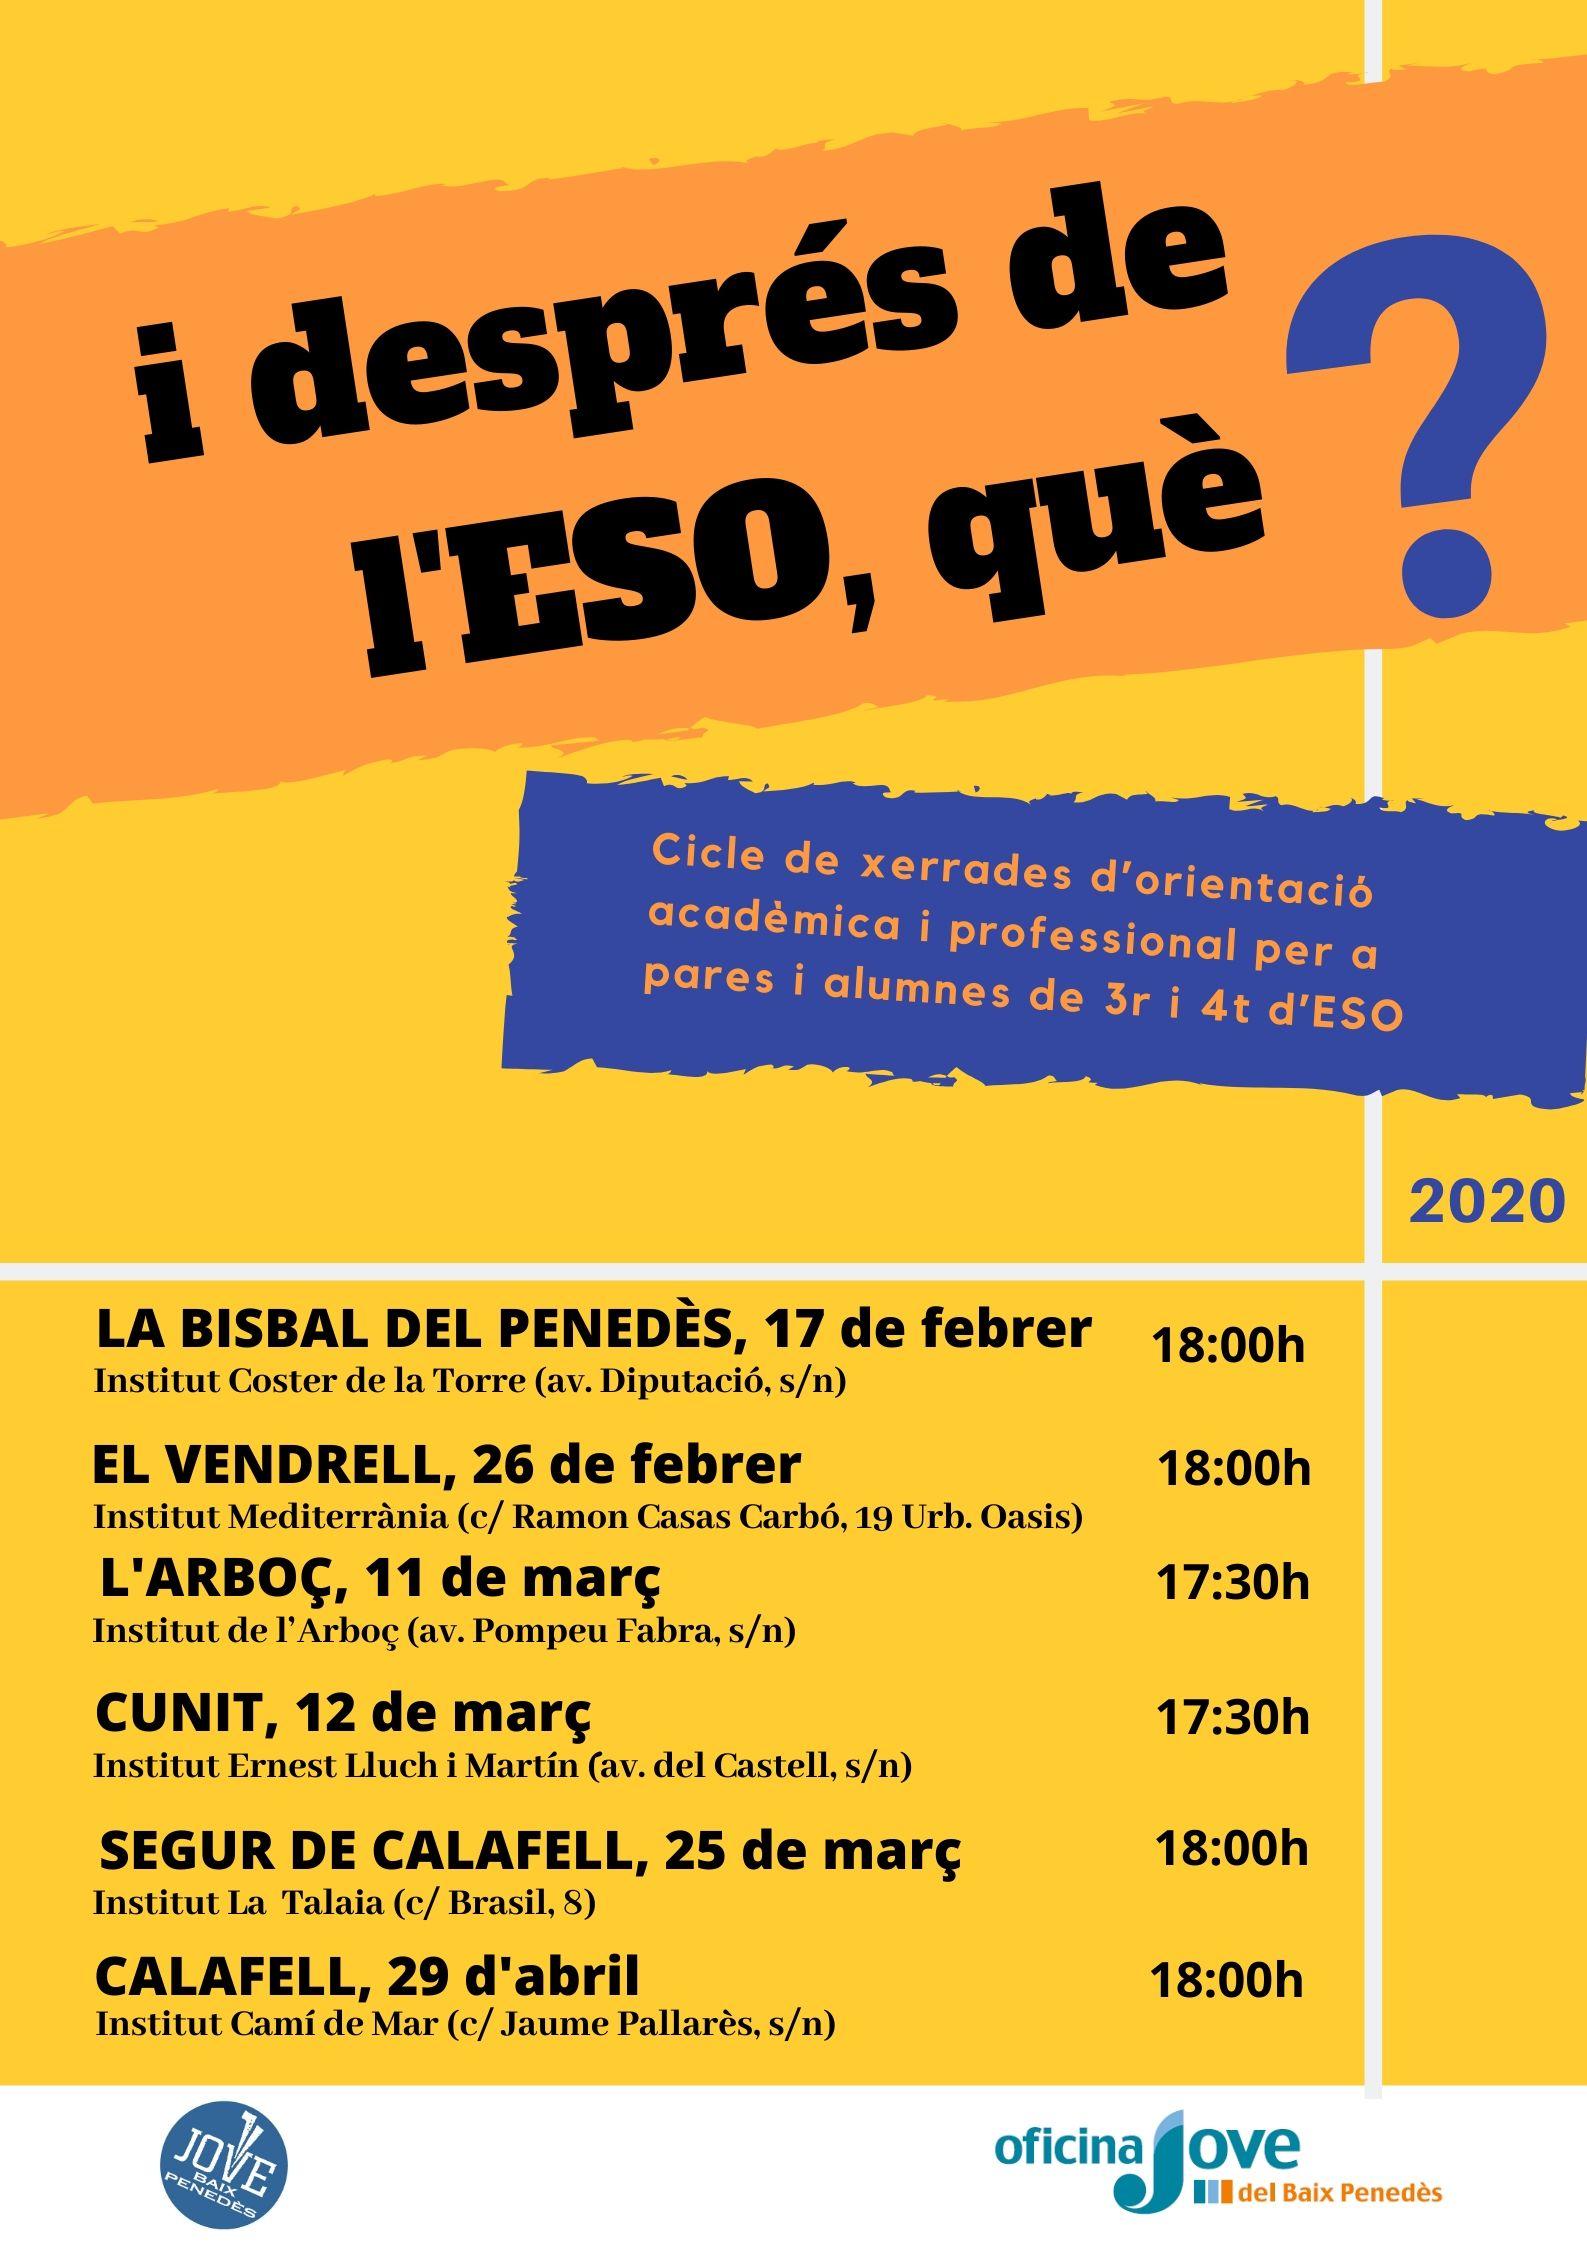 El dilluns 17 de febrer tindrà lloc la xerrada 'I després de l'ESO què? a l'Institut Coster de la Torre